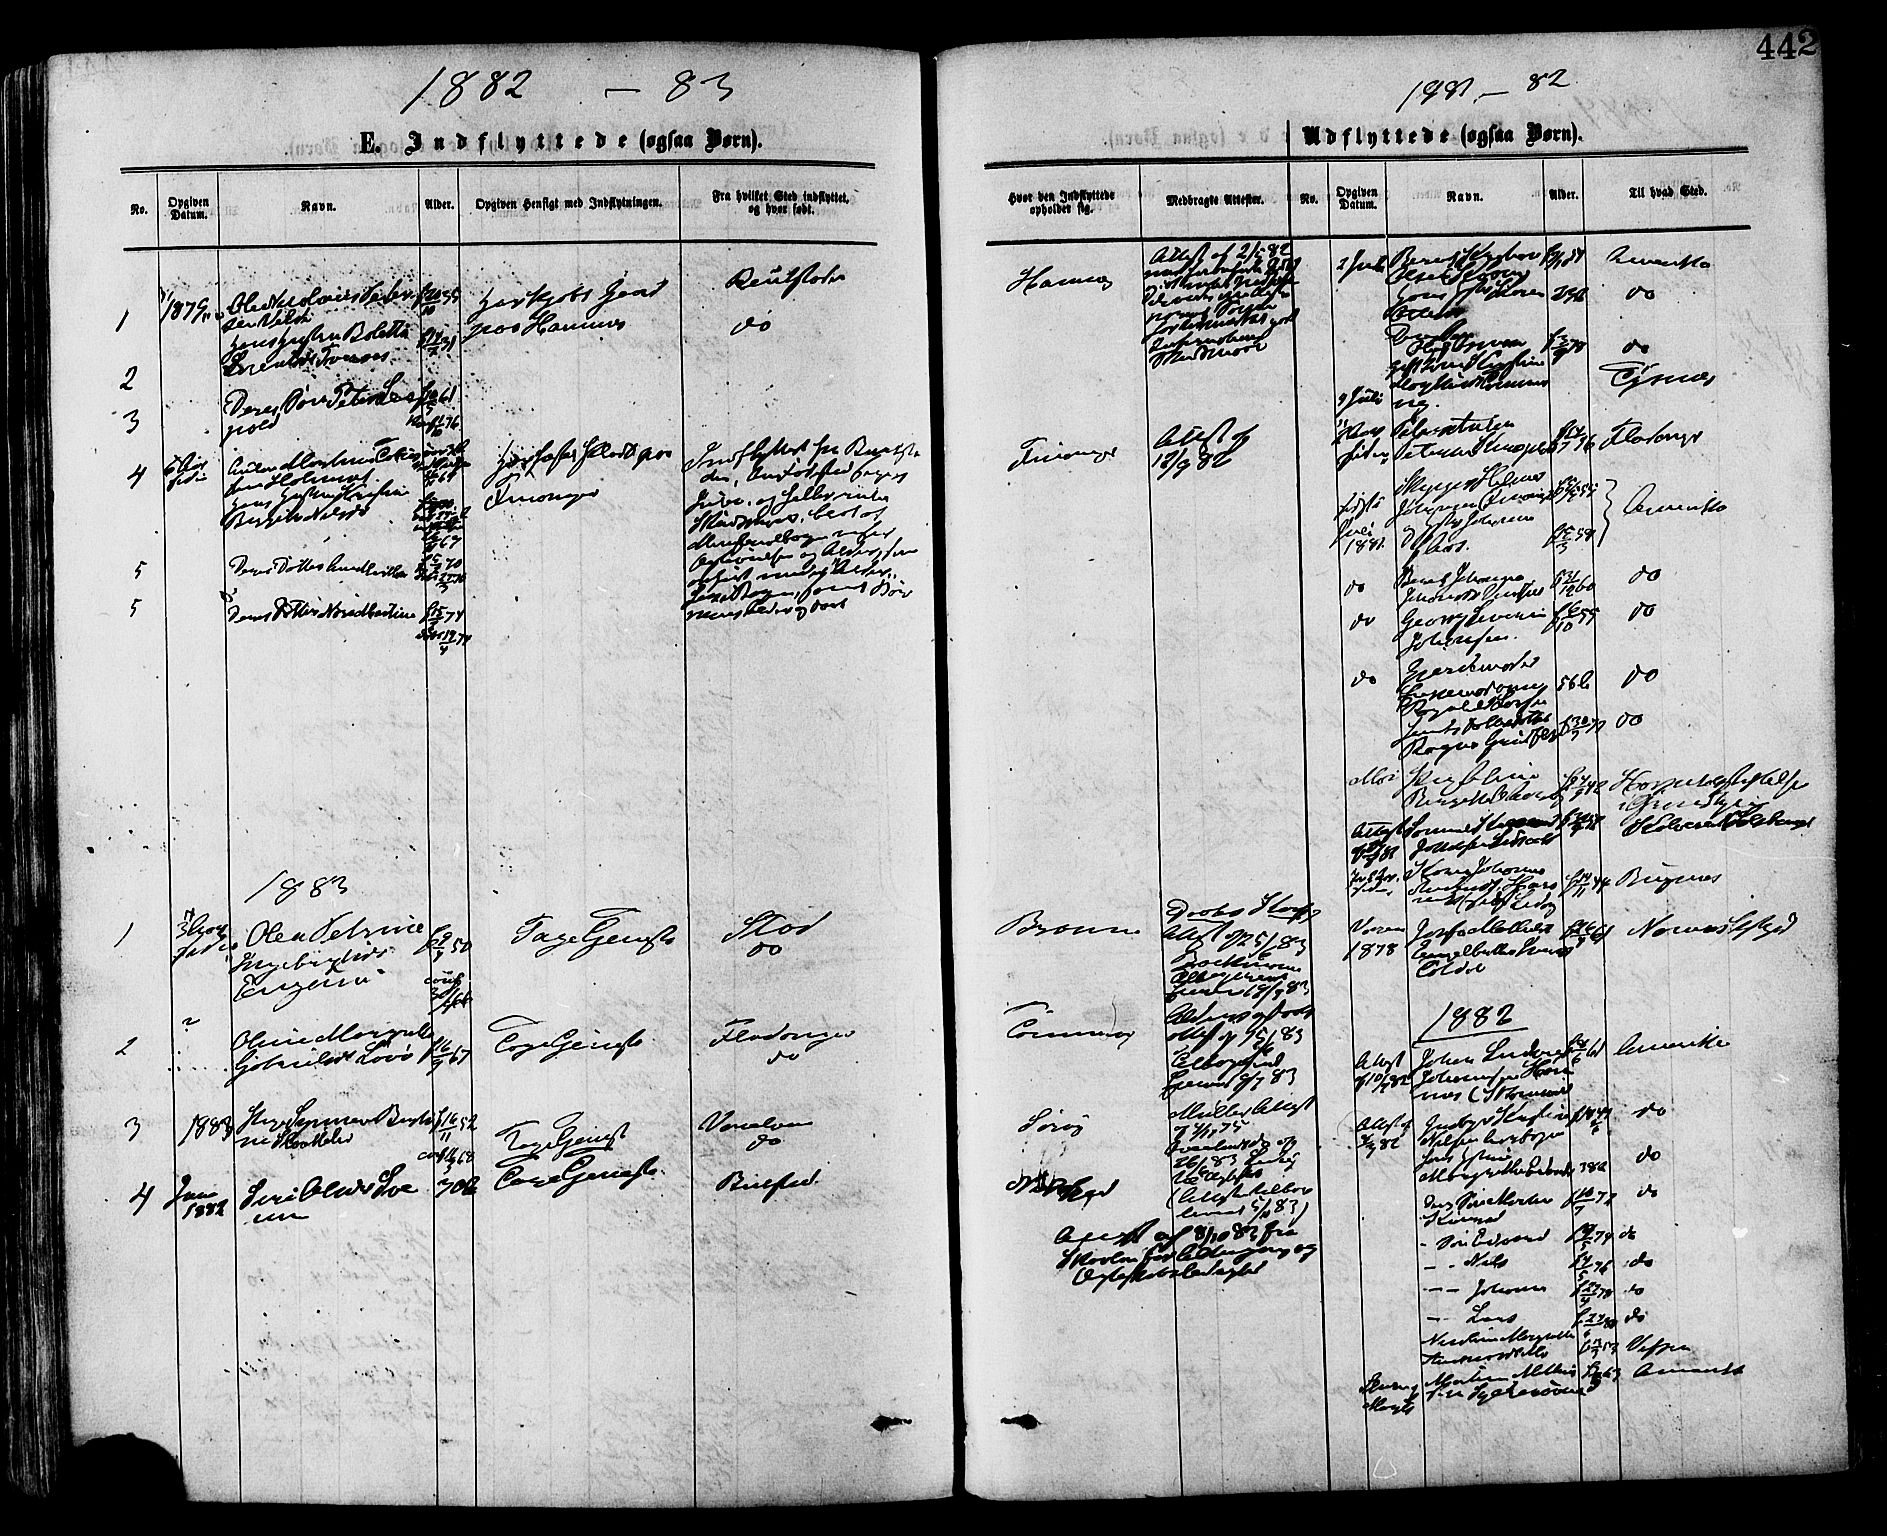 SAT, Ministerialprotokoller, klokkerbøker og fødselsregistre - Nord-Trøndelag, 773/L0616: Ministerialbok nr. 773A07, 1870-1887, s. 442